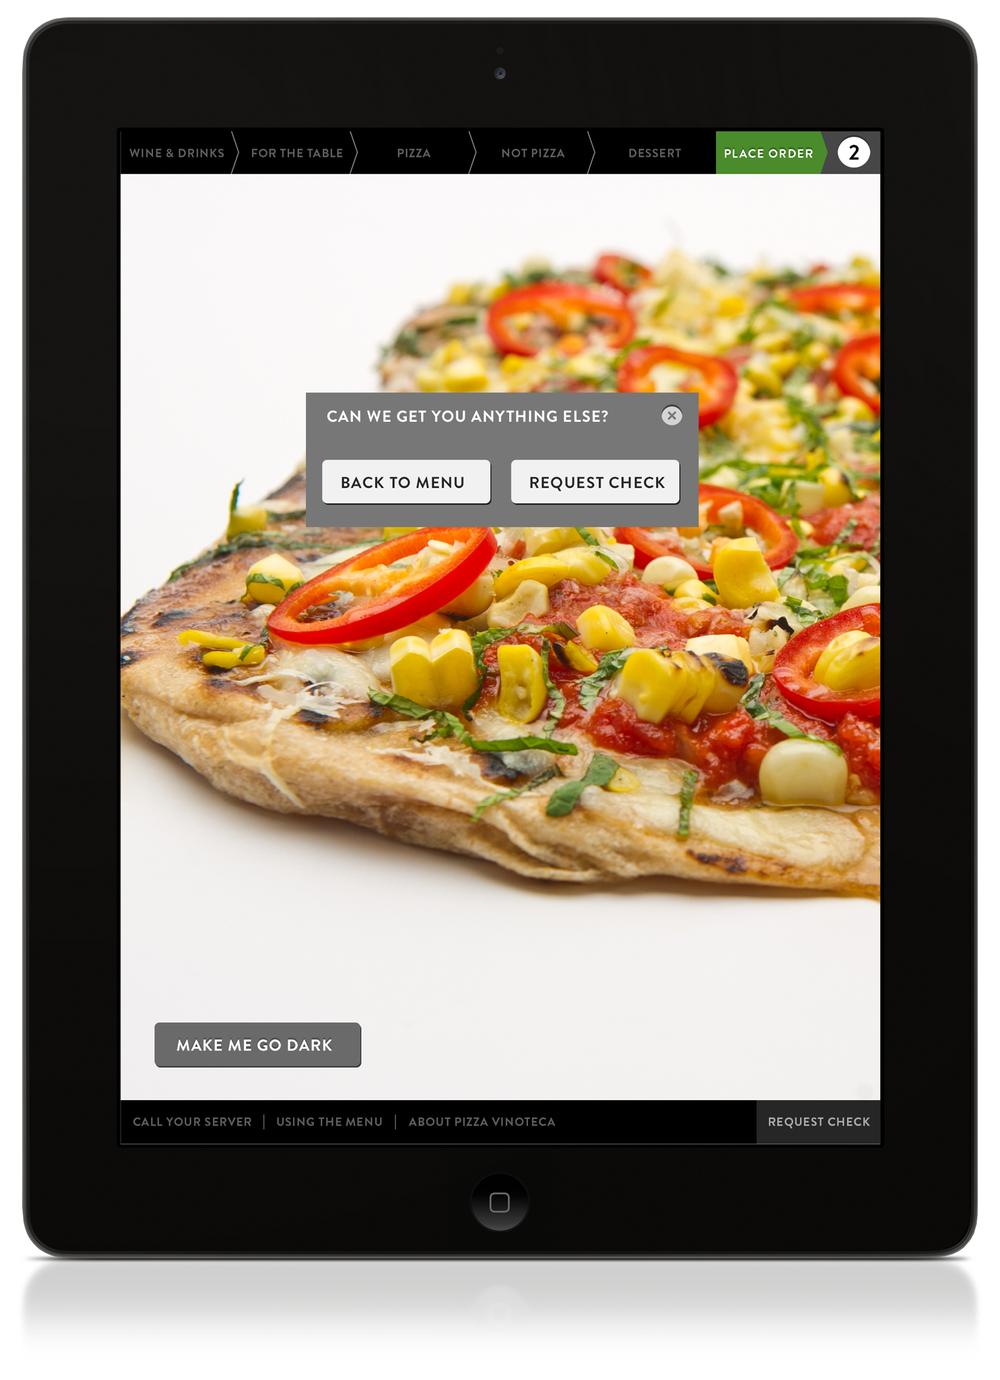 PVT in iPad20.jpg